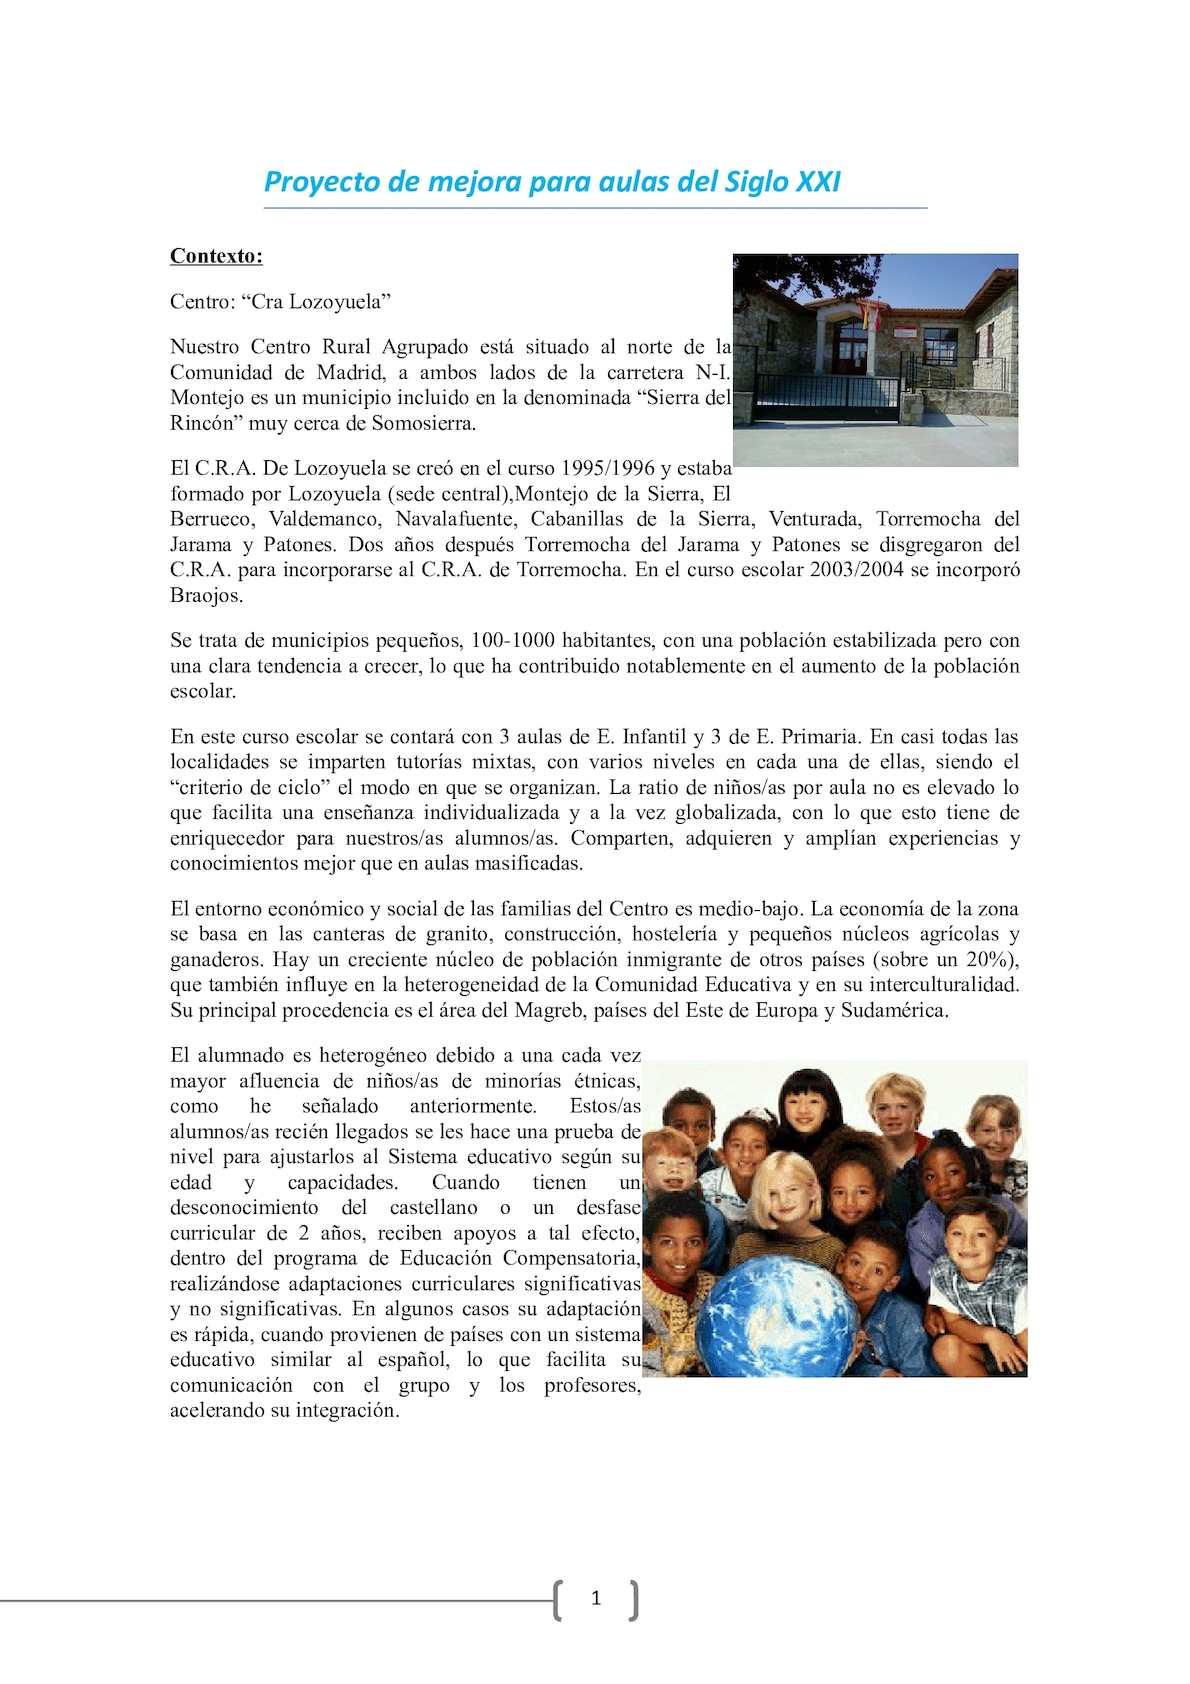 Proyecto De Mejora Para Aulas Del Siglo Xxi